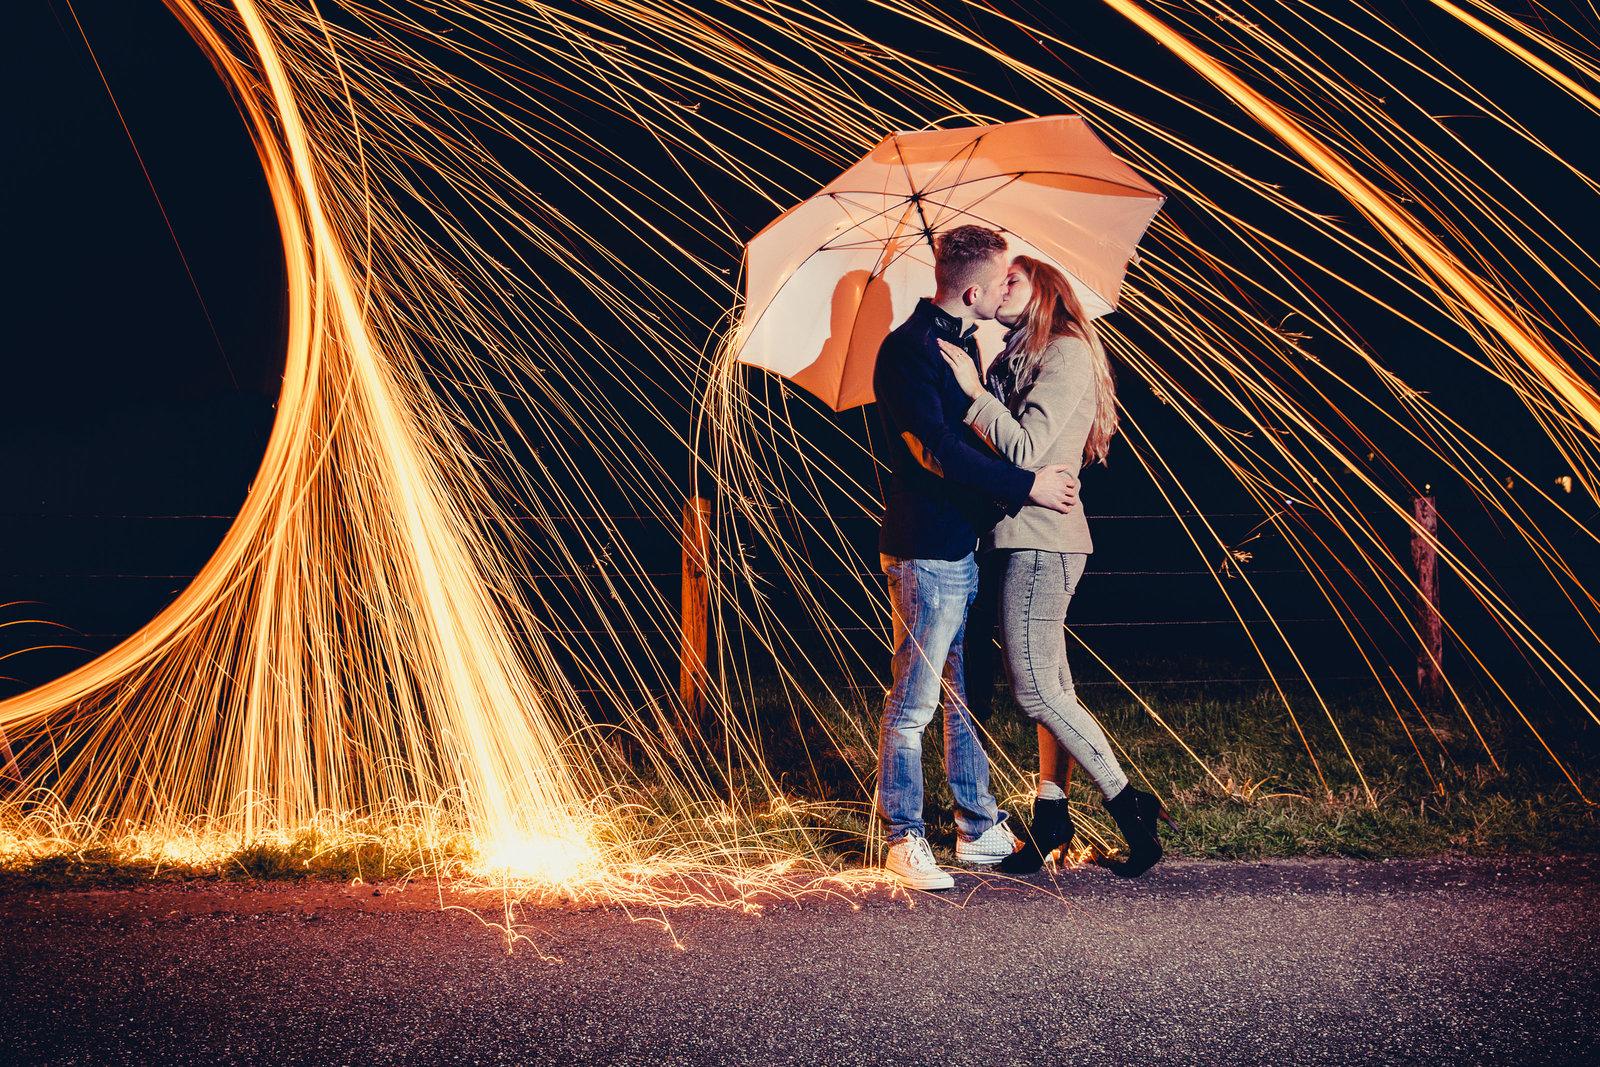 Tijdens deze loveshoot werd een pluk brandend staalwol gebruikt. Copyright Nanda Zee-Fritse | FOTOZEE